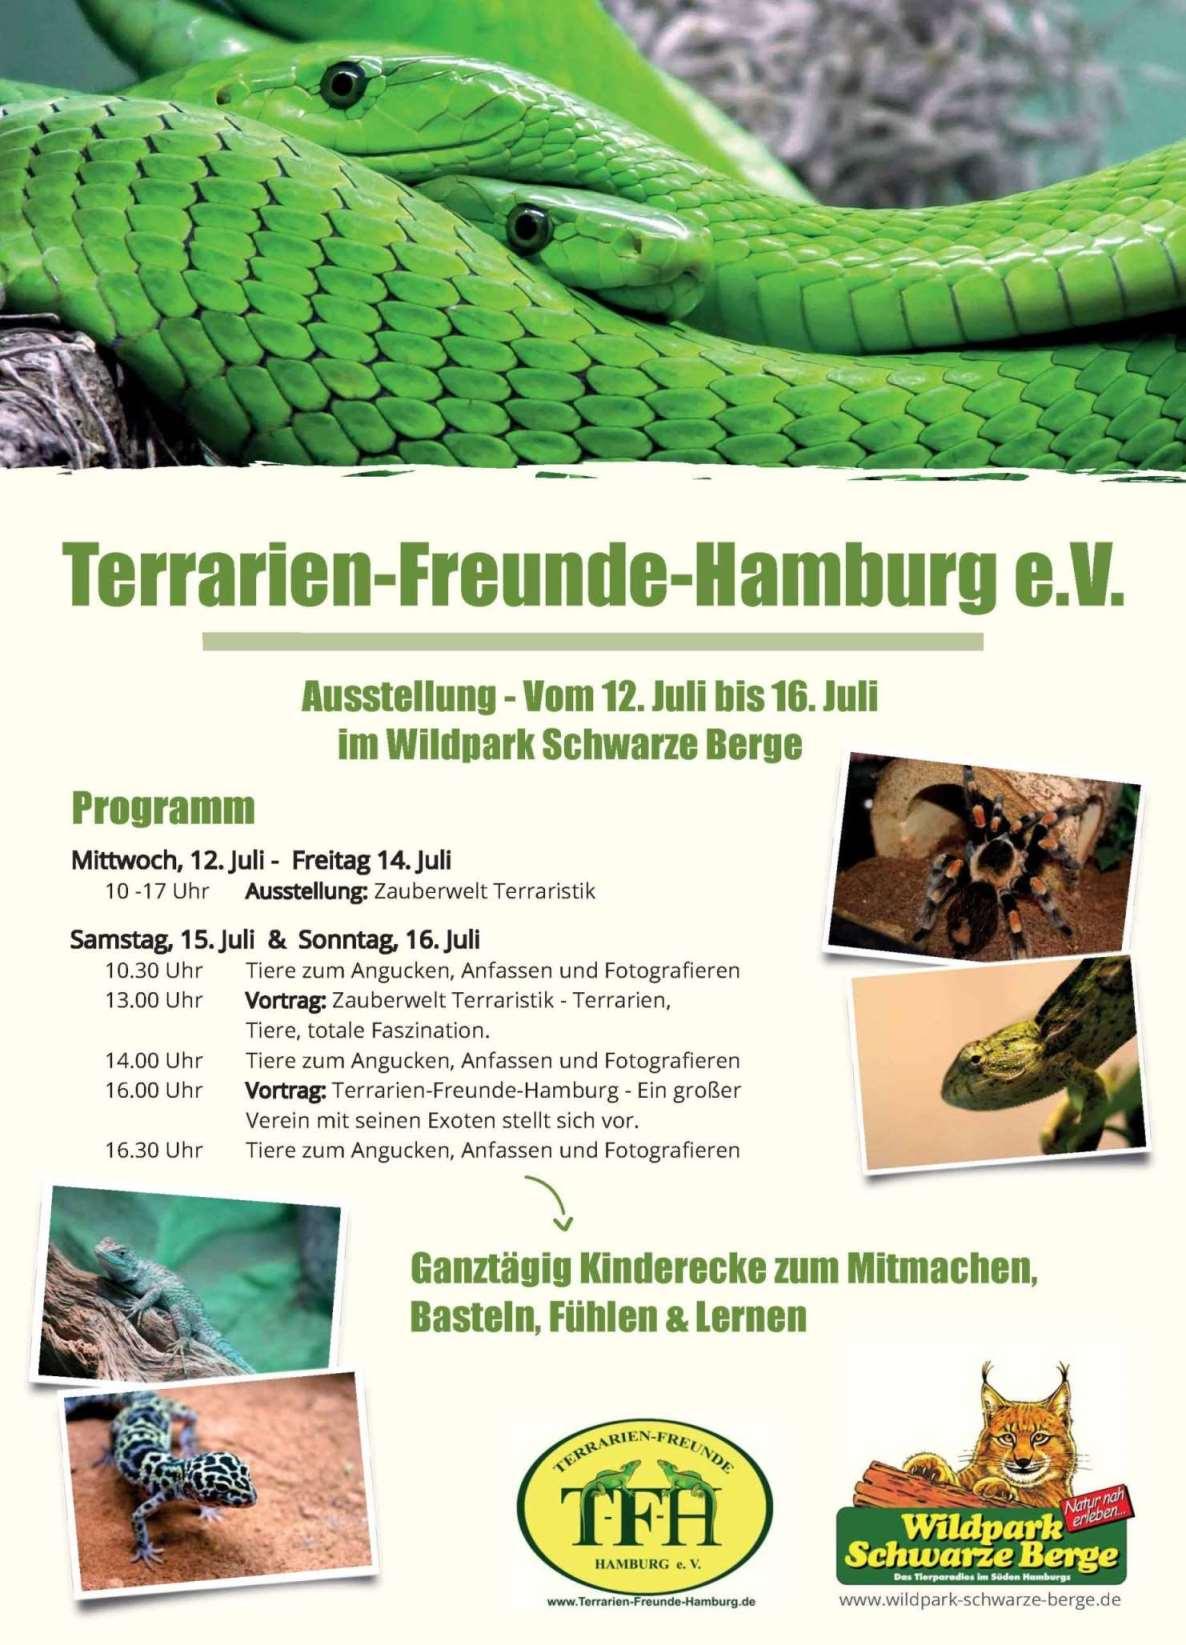 Programm Reptilien-Ausstellung